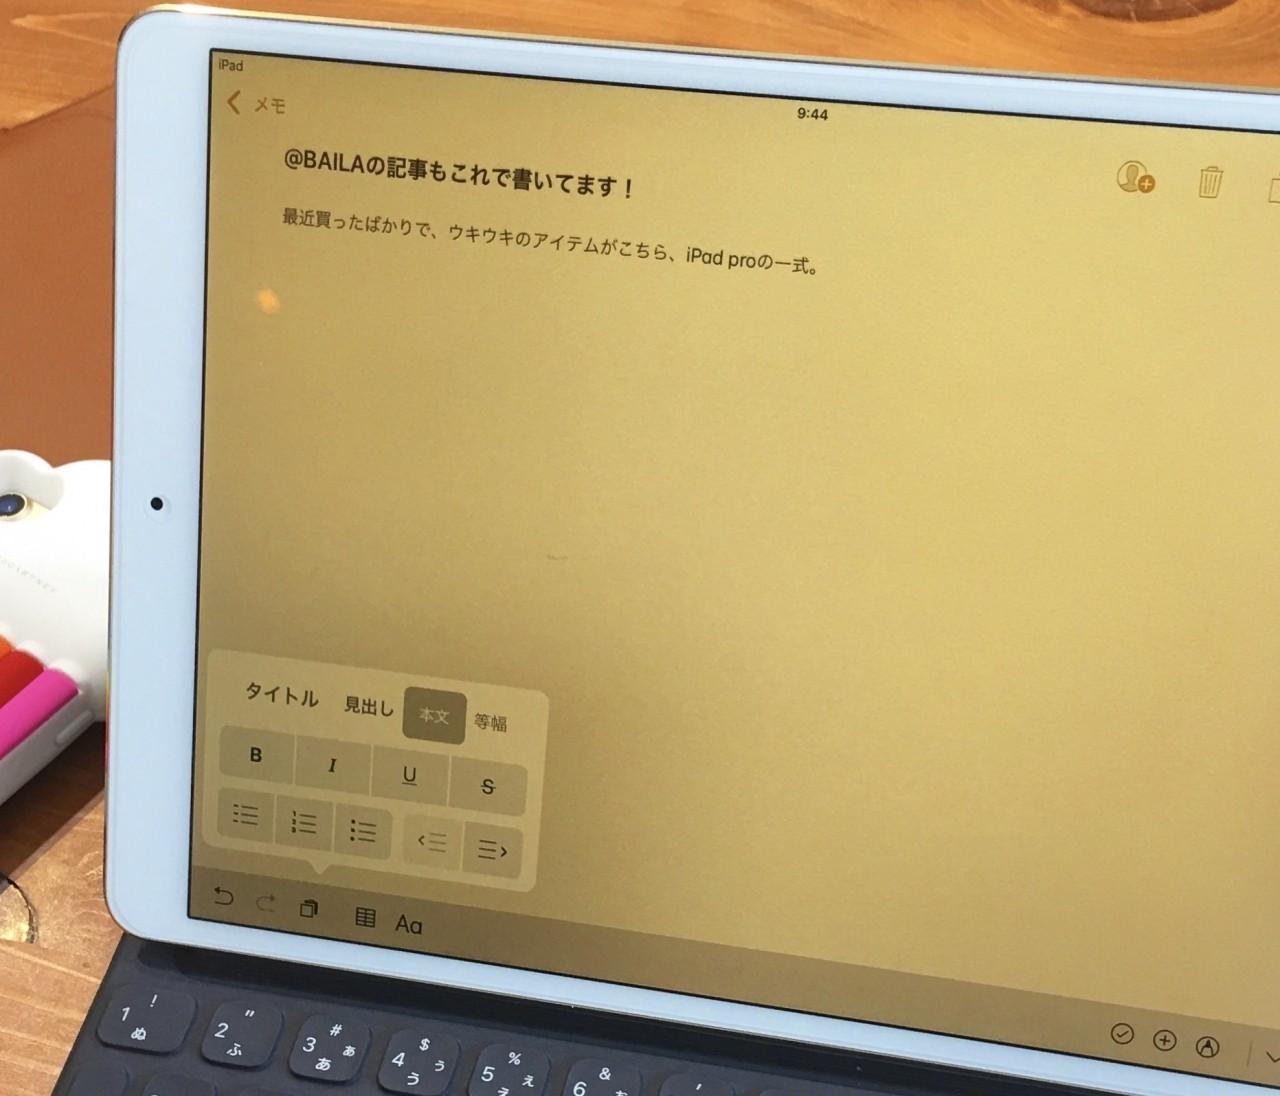 【iPad Pro】で楽しく仕事効率化始めます。